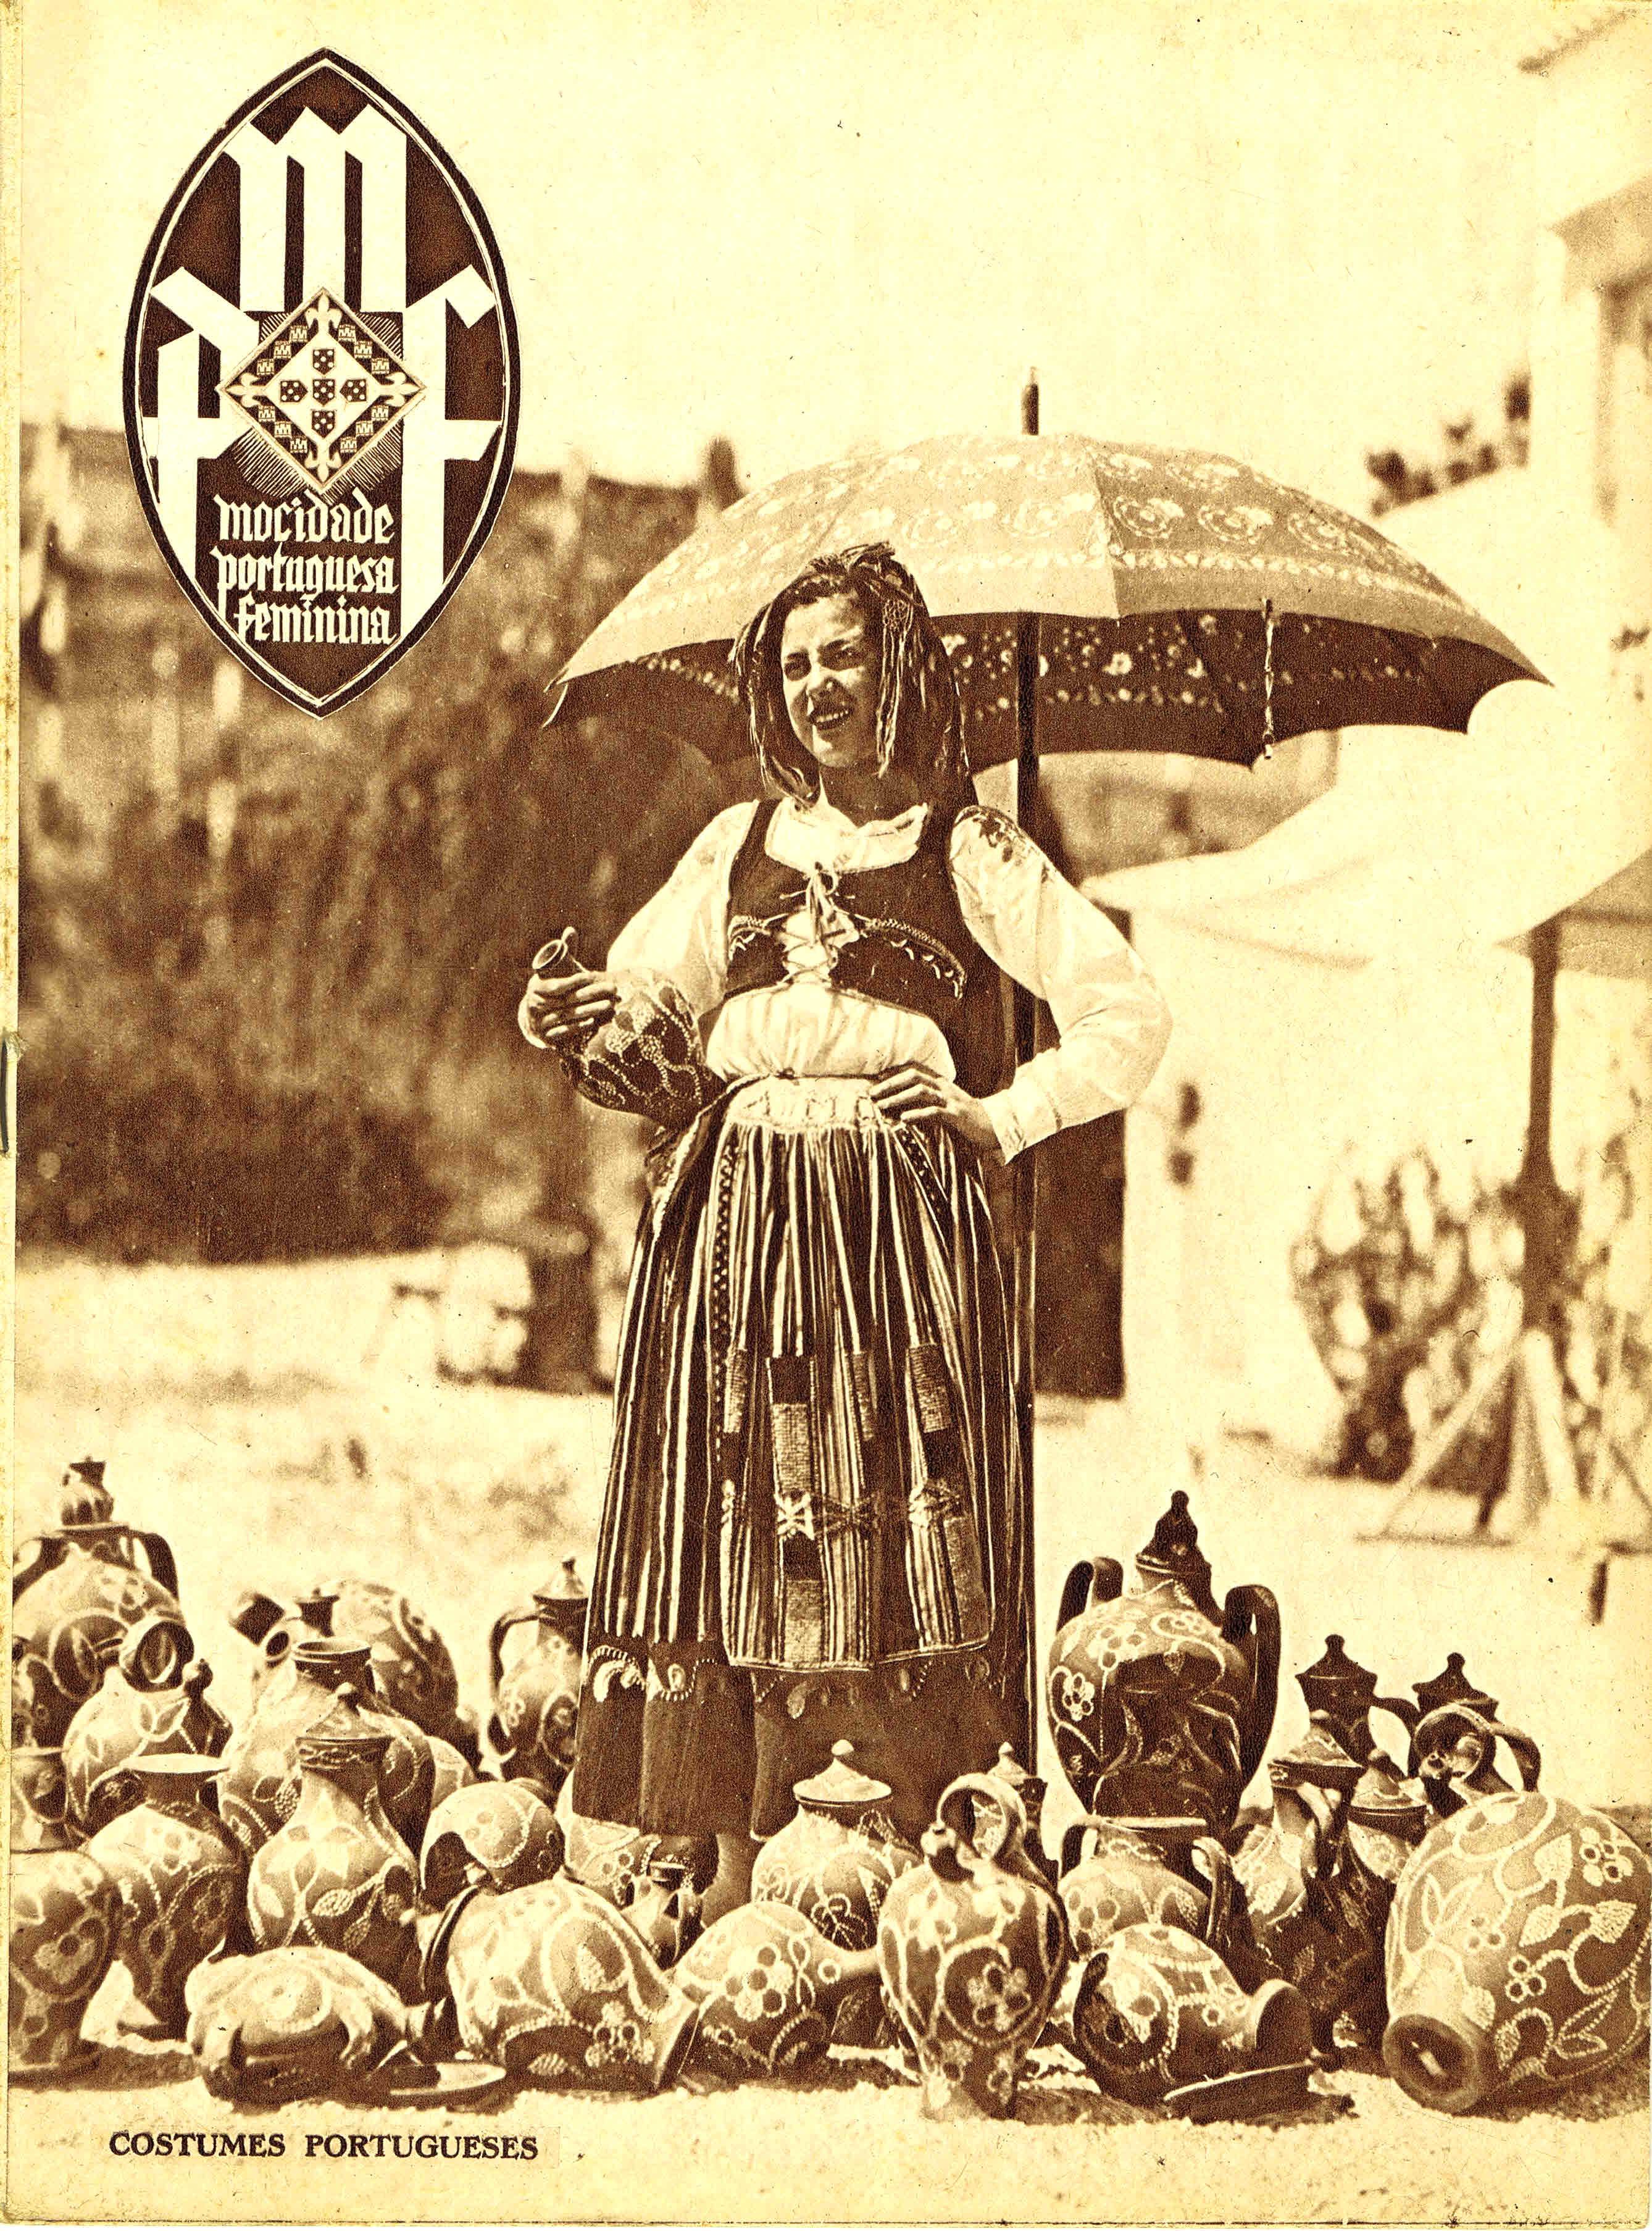 revista da mocidade portuguesa feminina nº 17